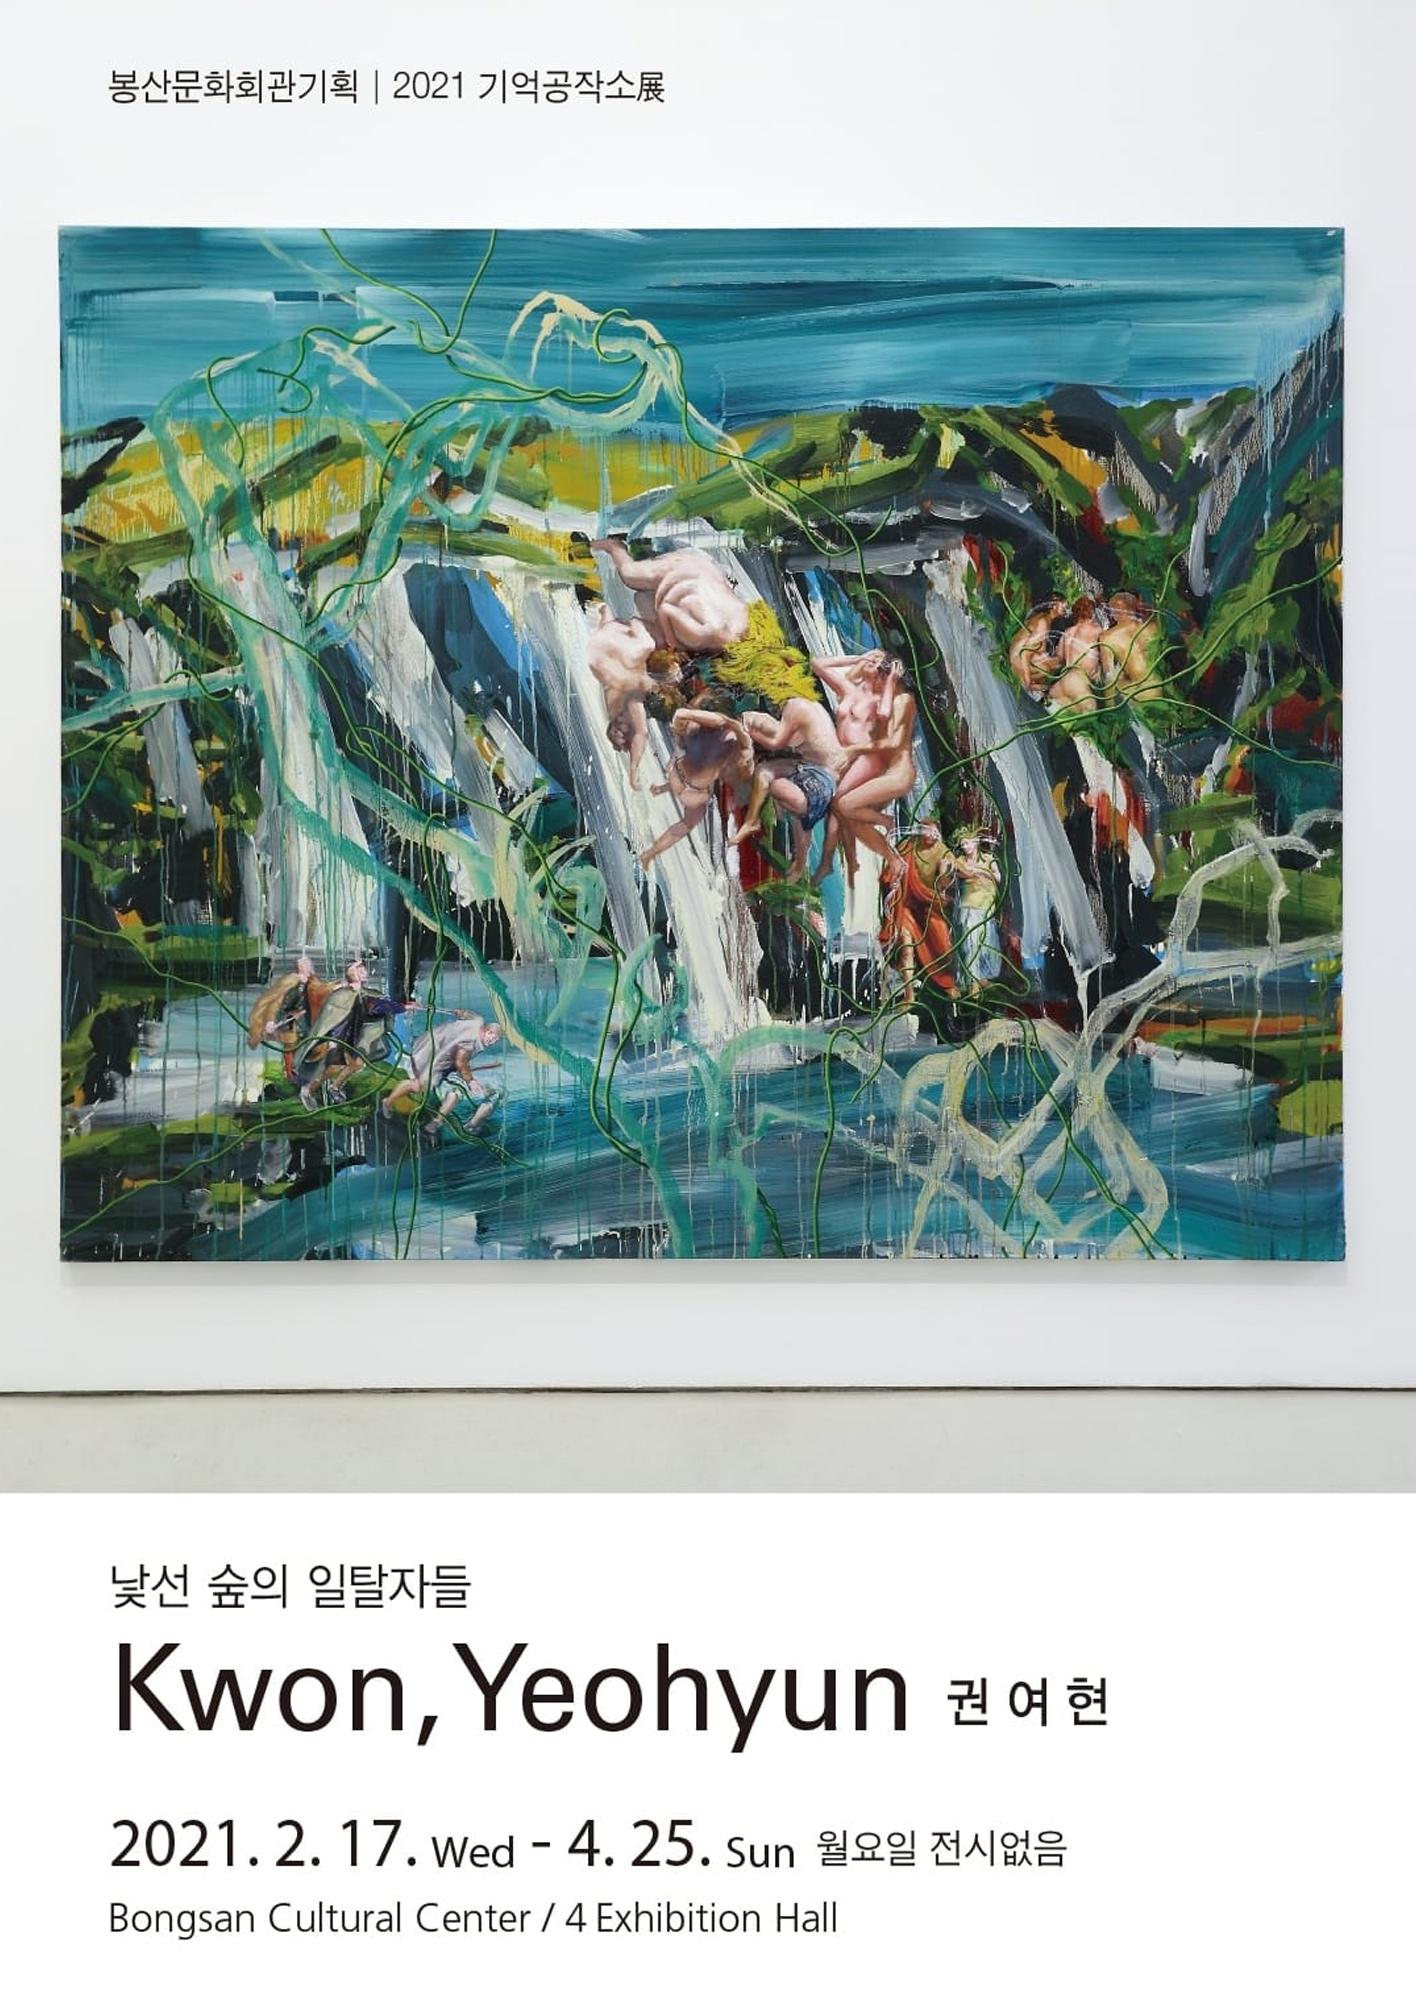 봉산문화회관기획 2021 기억공작소 - 권여현 : 낯선 숲의 일탈자들